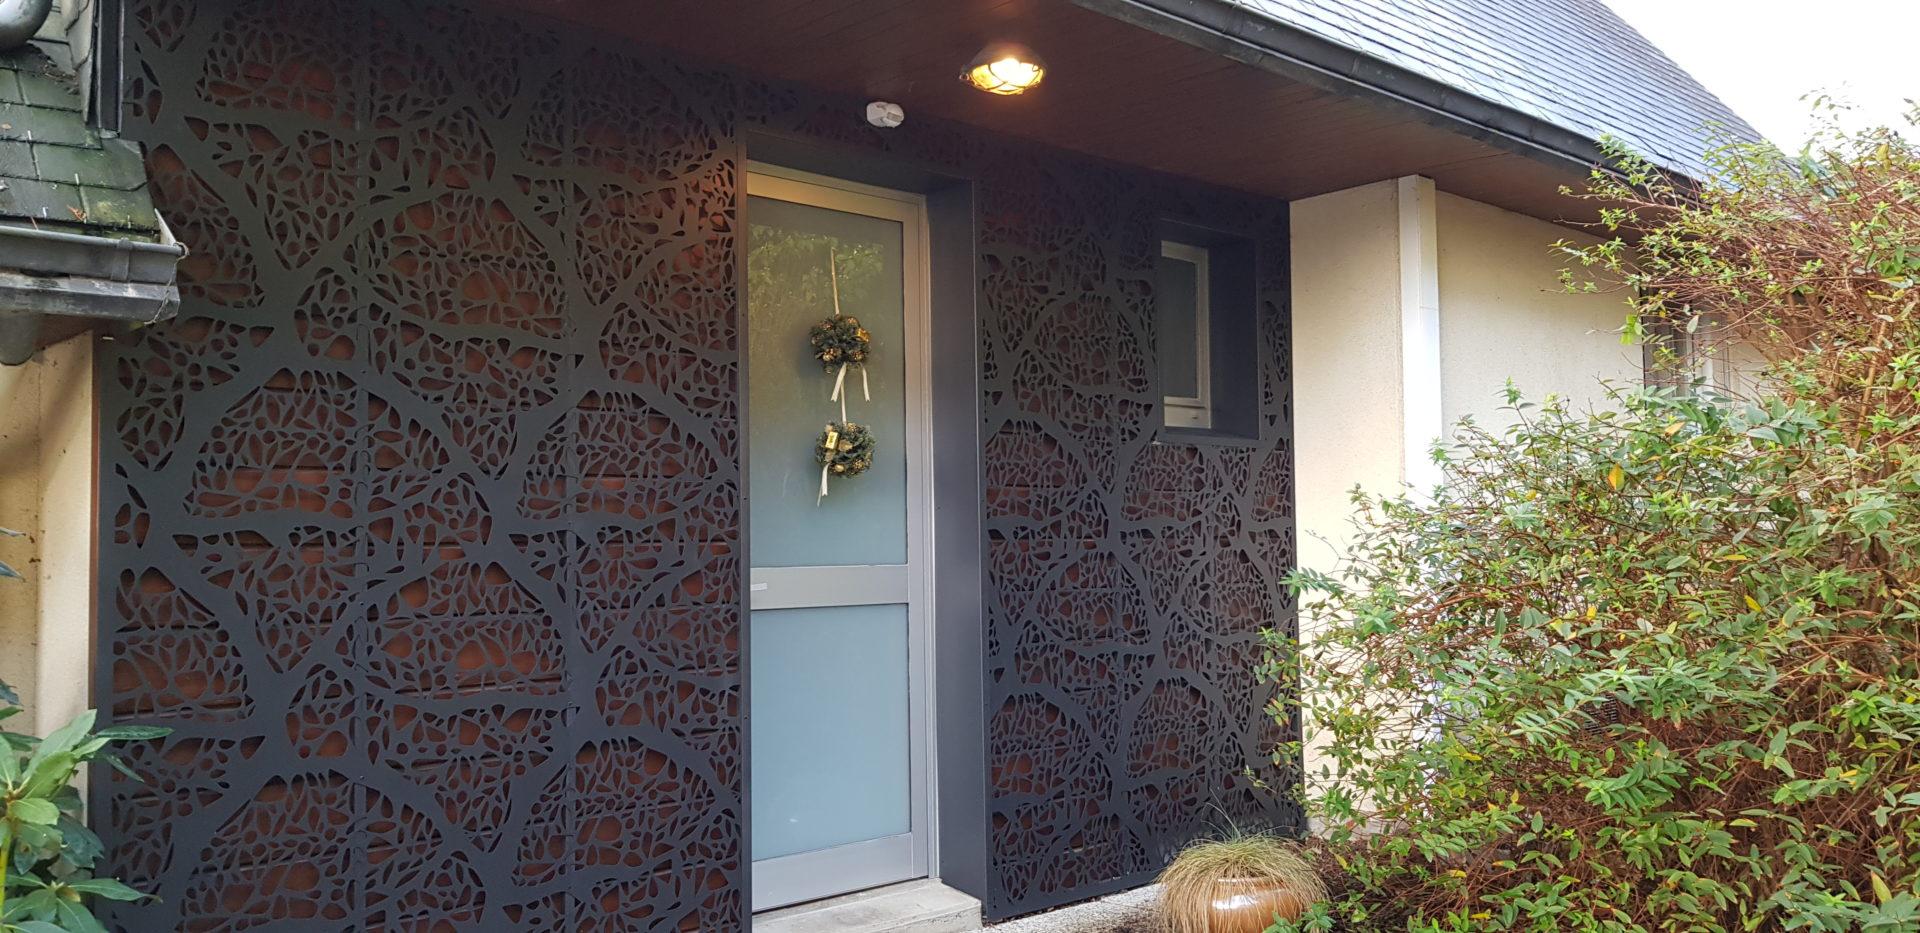 Habillage-facade-aluminium-laque-La-Roche-Maurice-1-1